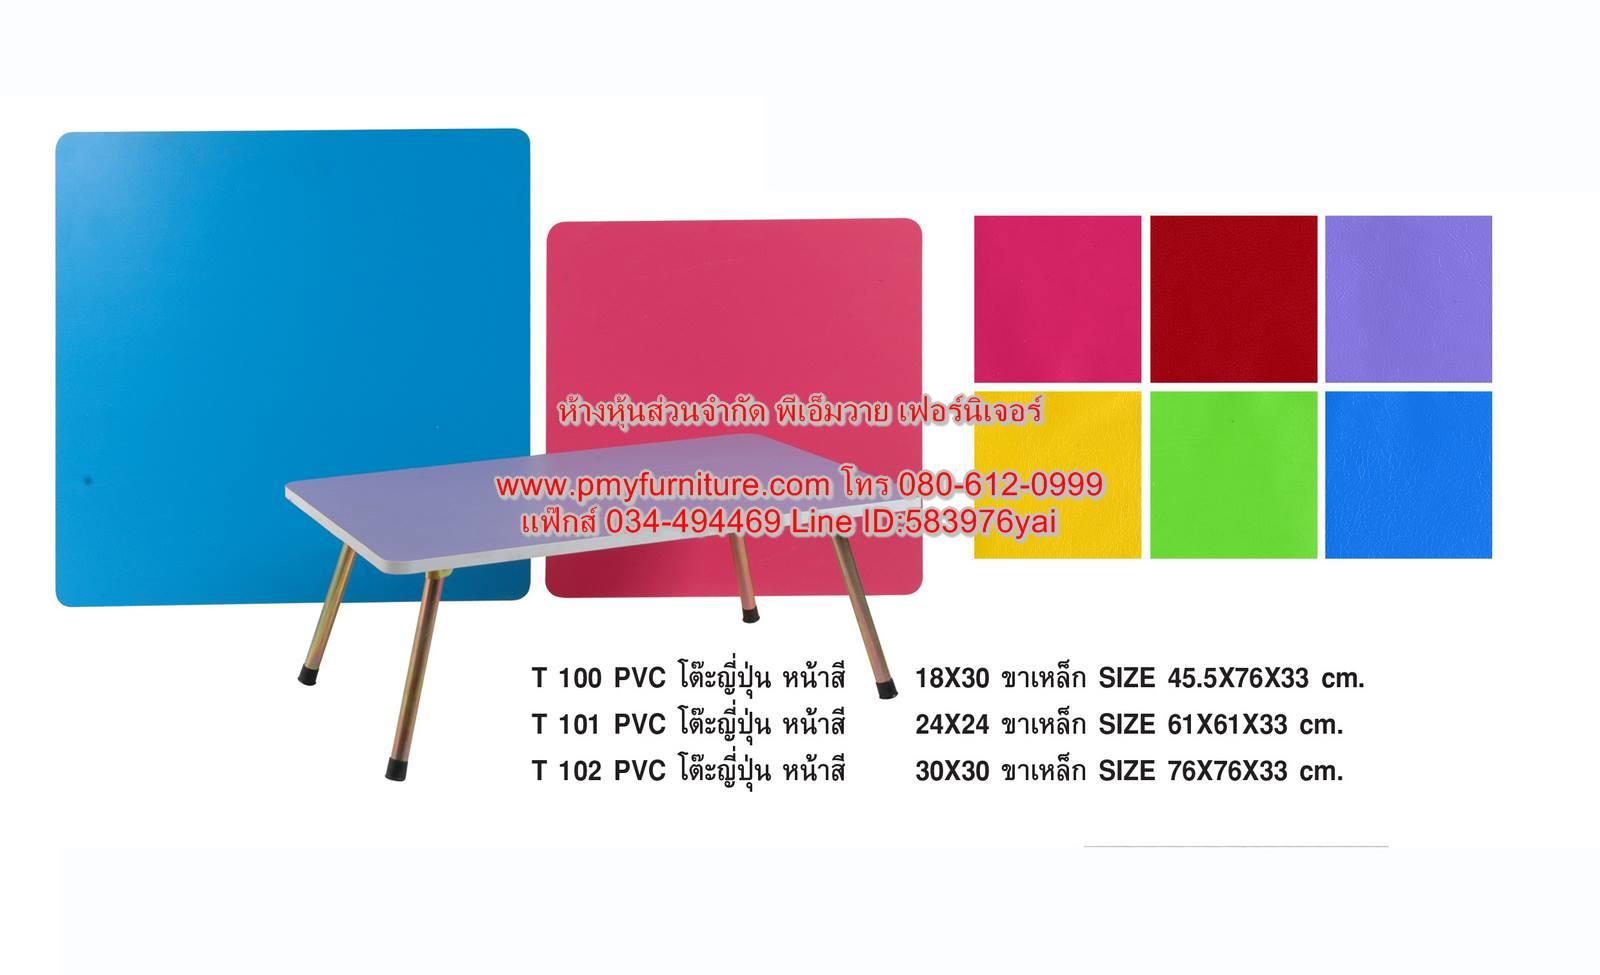 PMY24-12 โต๊ะญี่ปุ่นหน้าสี